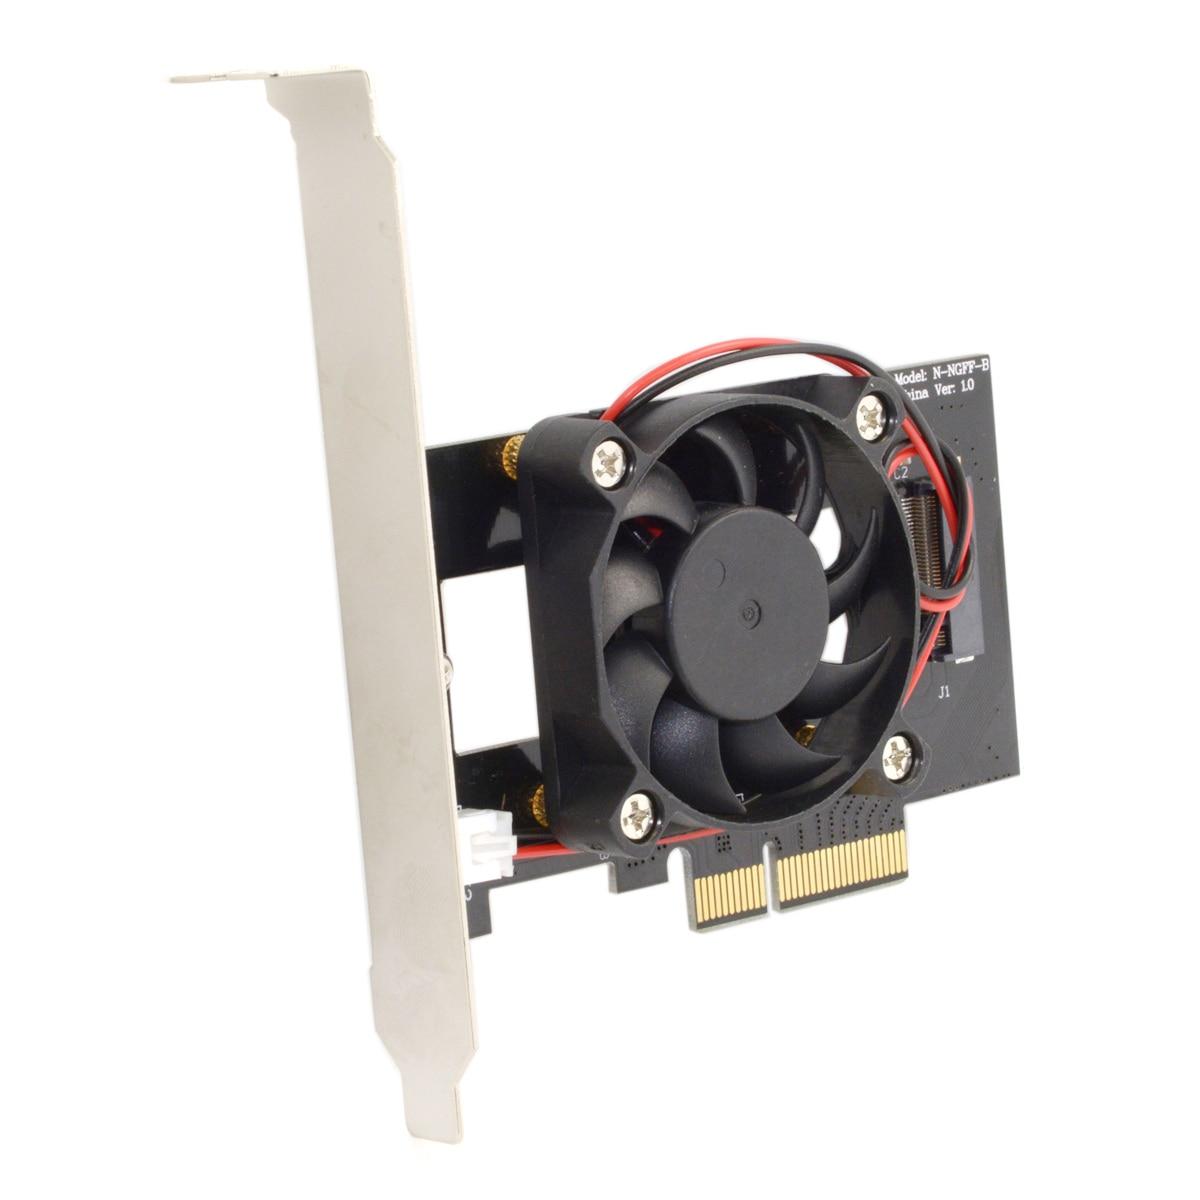 Cerca Voli Pci-e 3.0x4 Lane Host Convertitore Card Adapter M.2 Ngff Tasto M Ssd A Nvme Pci Express Con Raffreddamento Fan Garanzia Al 100%